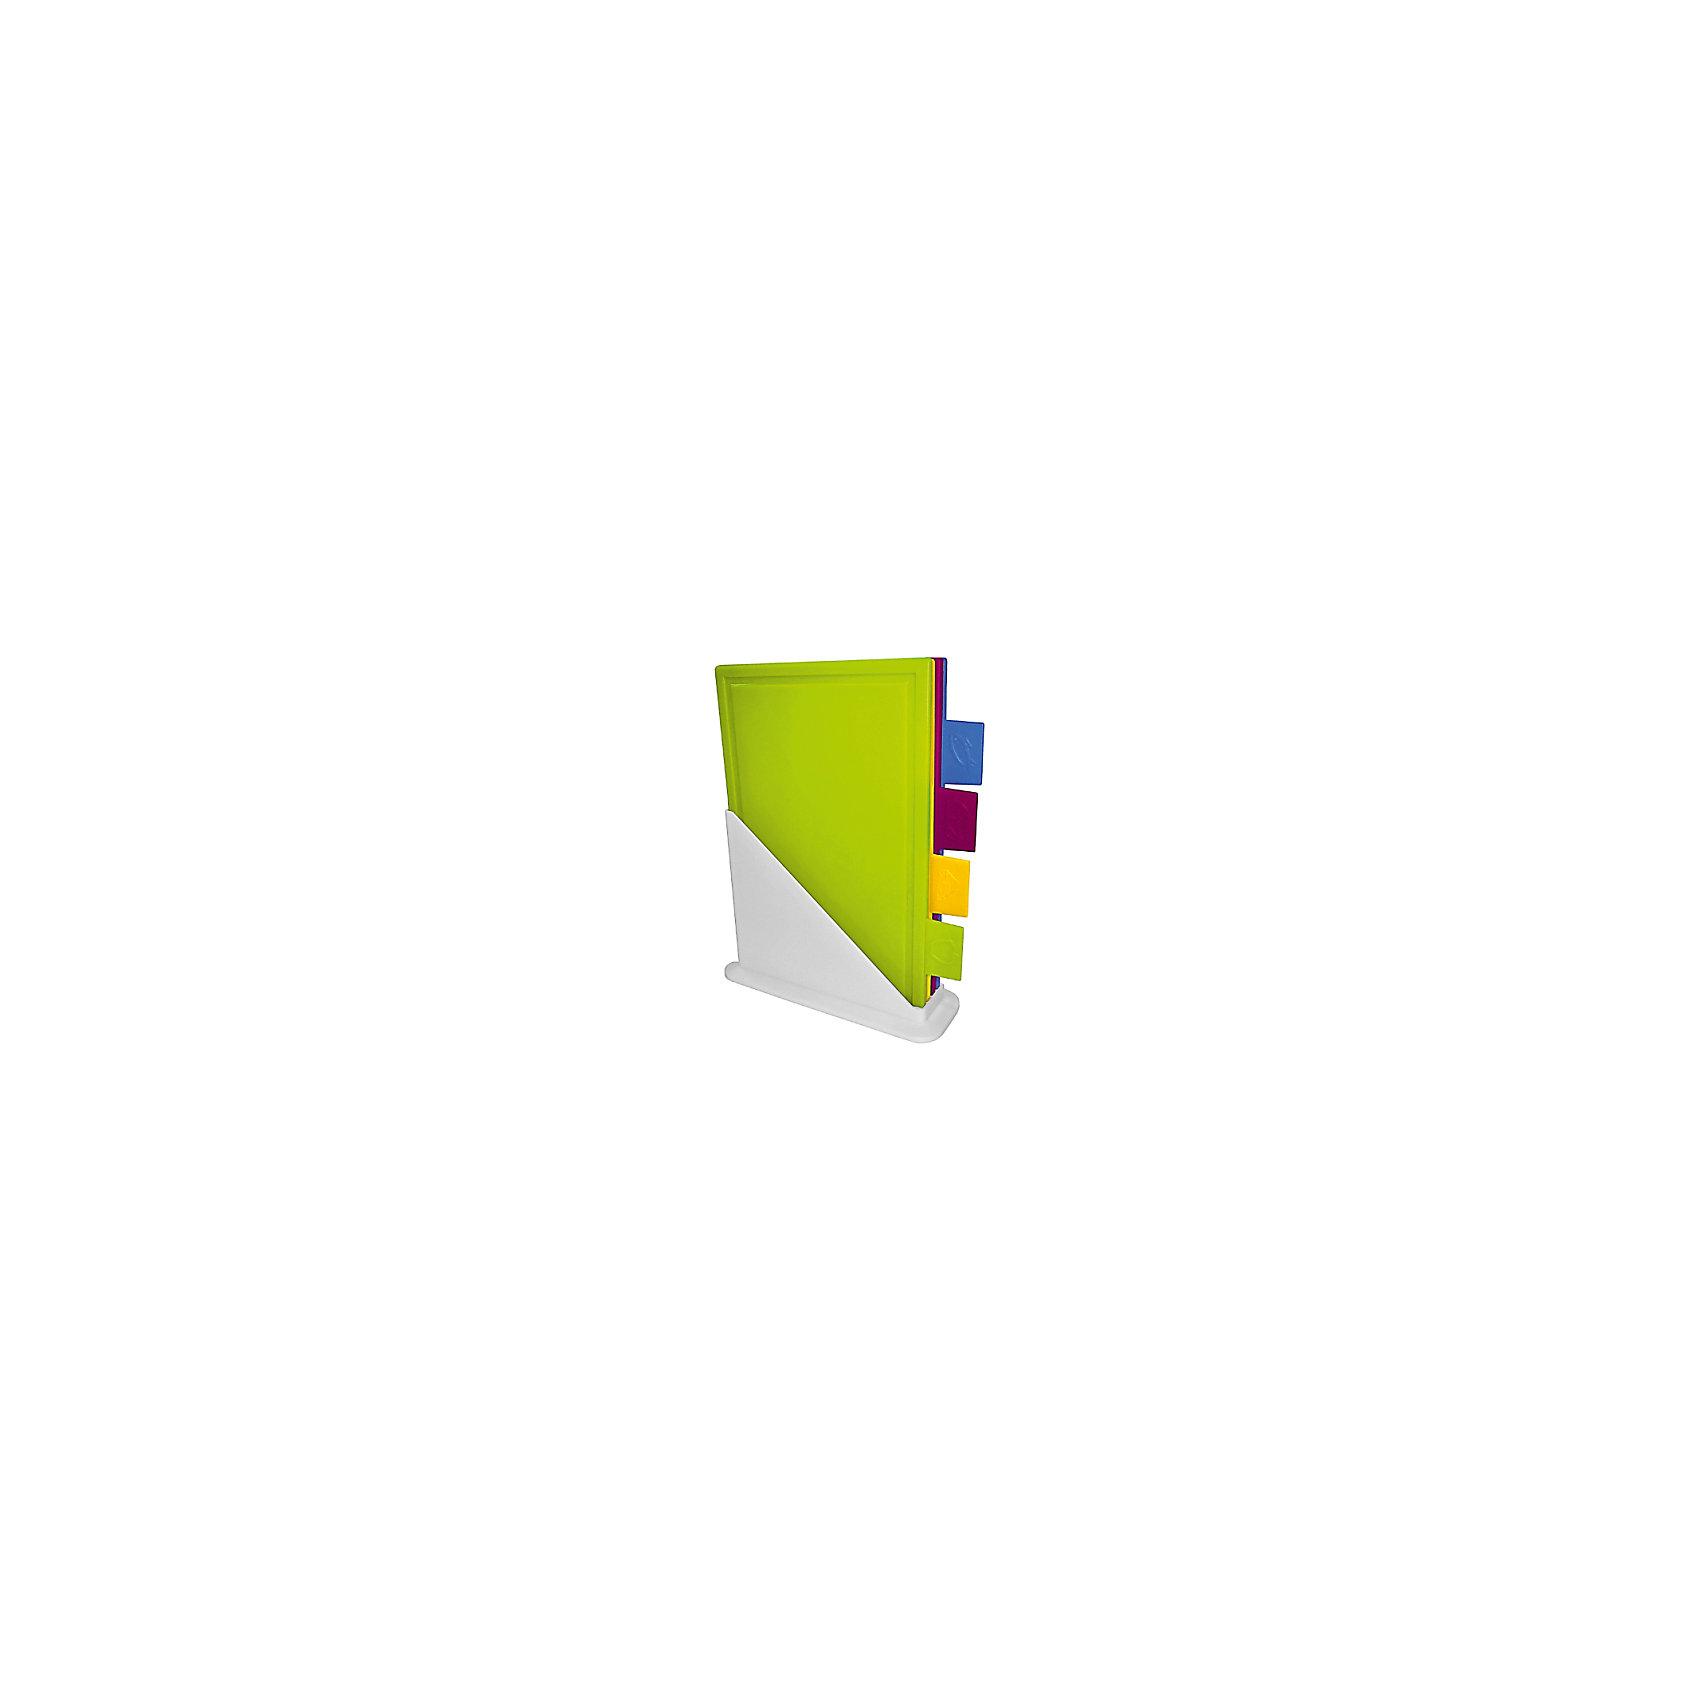 Набор досок разделочных на подставке (4 шт.), GiarettiПосуда<br>Набор досок разделочных на подставке (4 шт.), Giaretti<br><br>Характеристики:<br><br>• Цвет: зеленый, желтый, фиолетовый и синий<br>• Материал: пластик<br>• В комплекте: 4 штуки<br>• Для чего: мясо, рыба, овощи и сыр<br>• Размер: 24х82х31 см<br><br>Давно уже известно, что для каждого вида продуктов (мясо, рыба, овощи, сыр) рекомендовано использовать отдельную разделочную доску. Этот набор разделочных досок на подставке позволяет решить этот вопрос ,так как каждая доска снабжена специальными ярлычками и изготовлена в определенном цвете, чтобы было легко определять предназначение доски. Изготовлены данные доски из специального высококачественного пищевого пластика, который безопасен для здоровья и устойчив к повреждениям. <br><br>Набор досок разделочных на подставке (4 шт.), Giaretti можно купить в нашем интернет-магазине.<br><br>Ширина мм: 248<br>Глубина мм: 82<br>Высота мм: 310<br>Вес г: 2008<br>Возраст от месяцев: 216<br>Возраст до месяцев: 1188<br>Пол: Унисекс<br>Возраст: Детский<br>SKU: 5545619